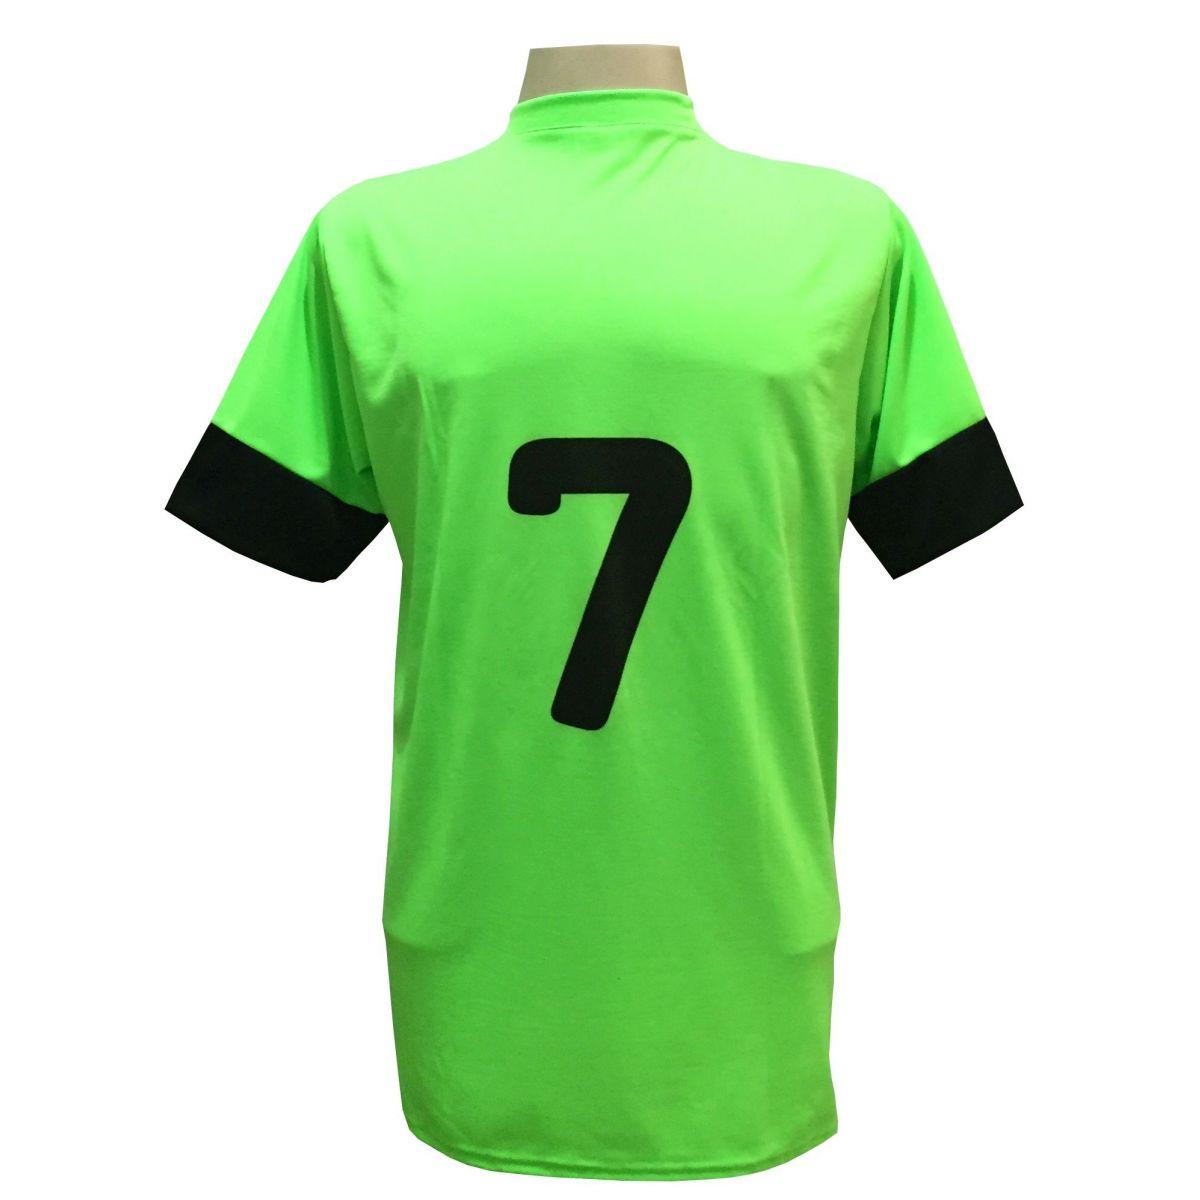 Uniforme Esportivo com 18 camisas modelo Columbus Limão/Preto + 18 calções modelo Madrid + 1 Goleiro + Brindes